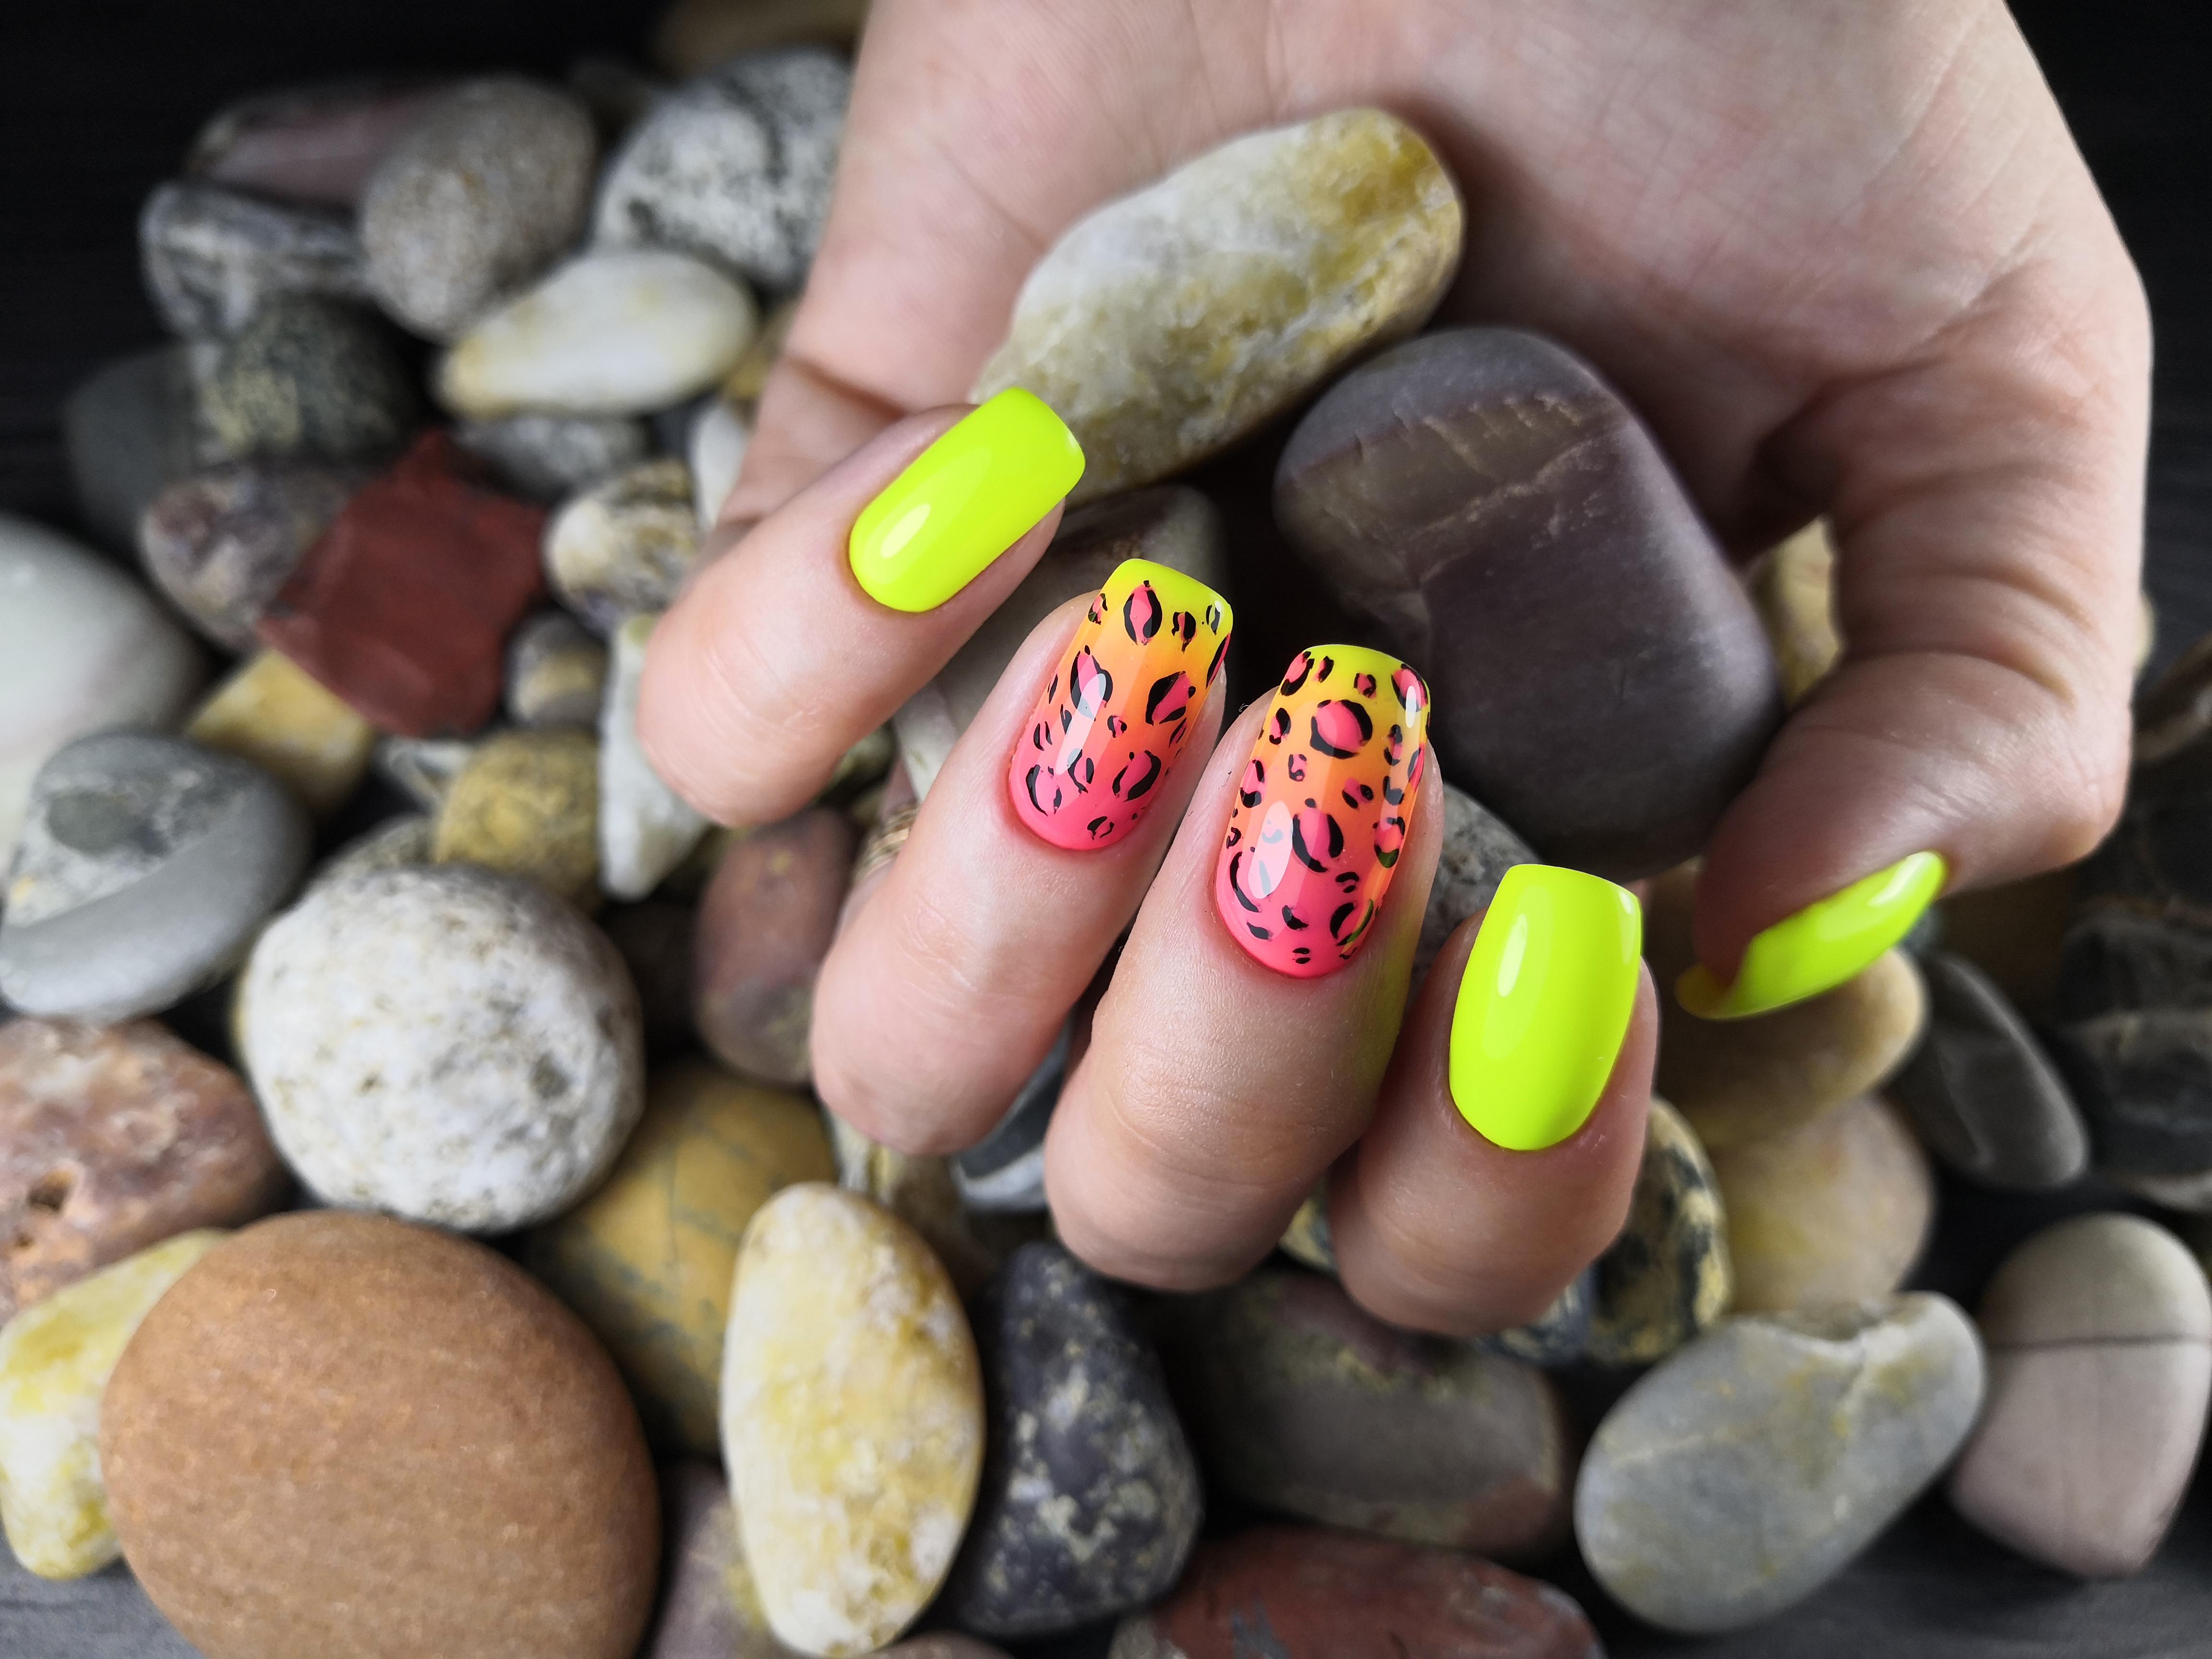 Маникюр с градиентом и леопардовым принтом в желтом цвете на длинные ногти.